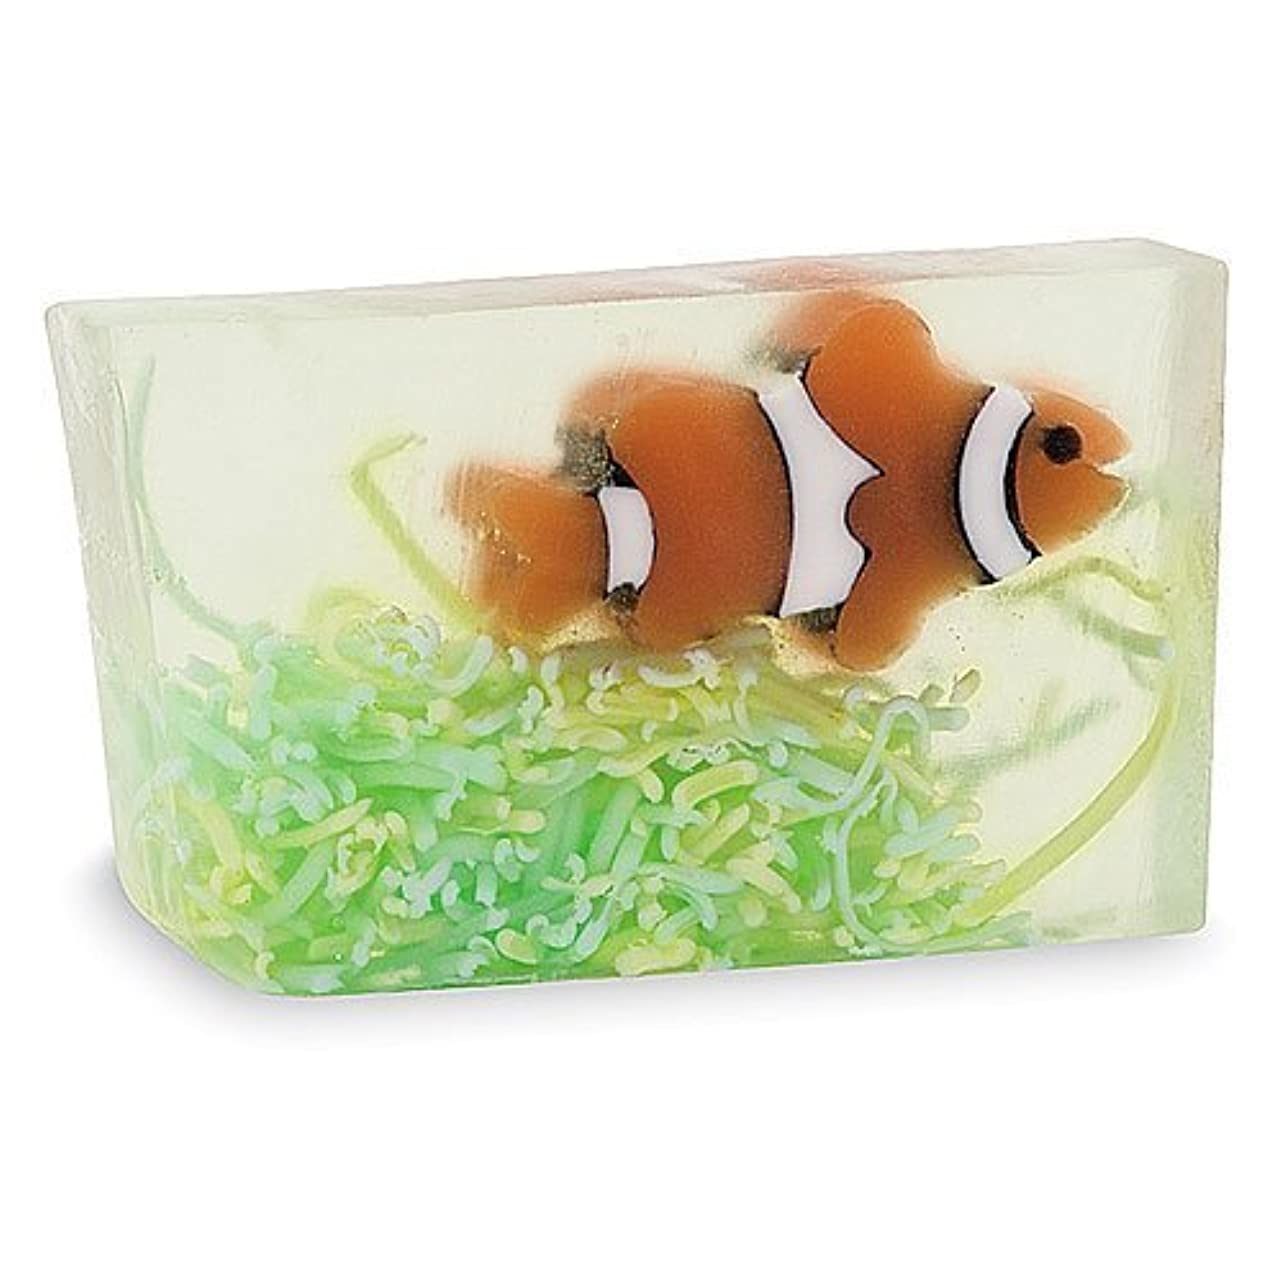 省略する委員会十代の若者たちPrimal Elements SWCFISH Clownfish 5.8 oz. Bar Soap in Shrinkwrap